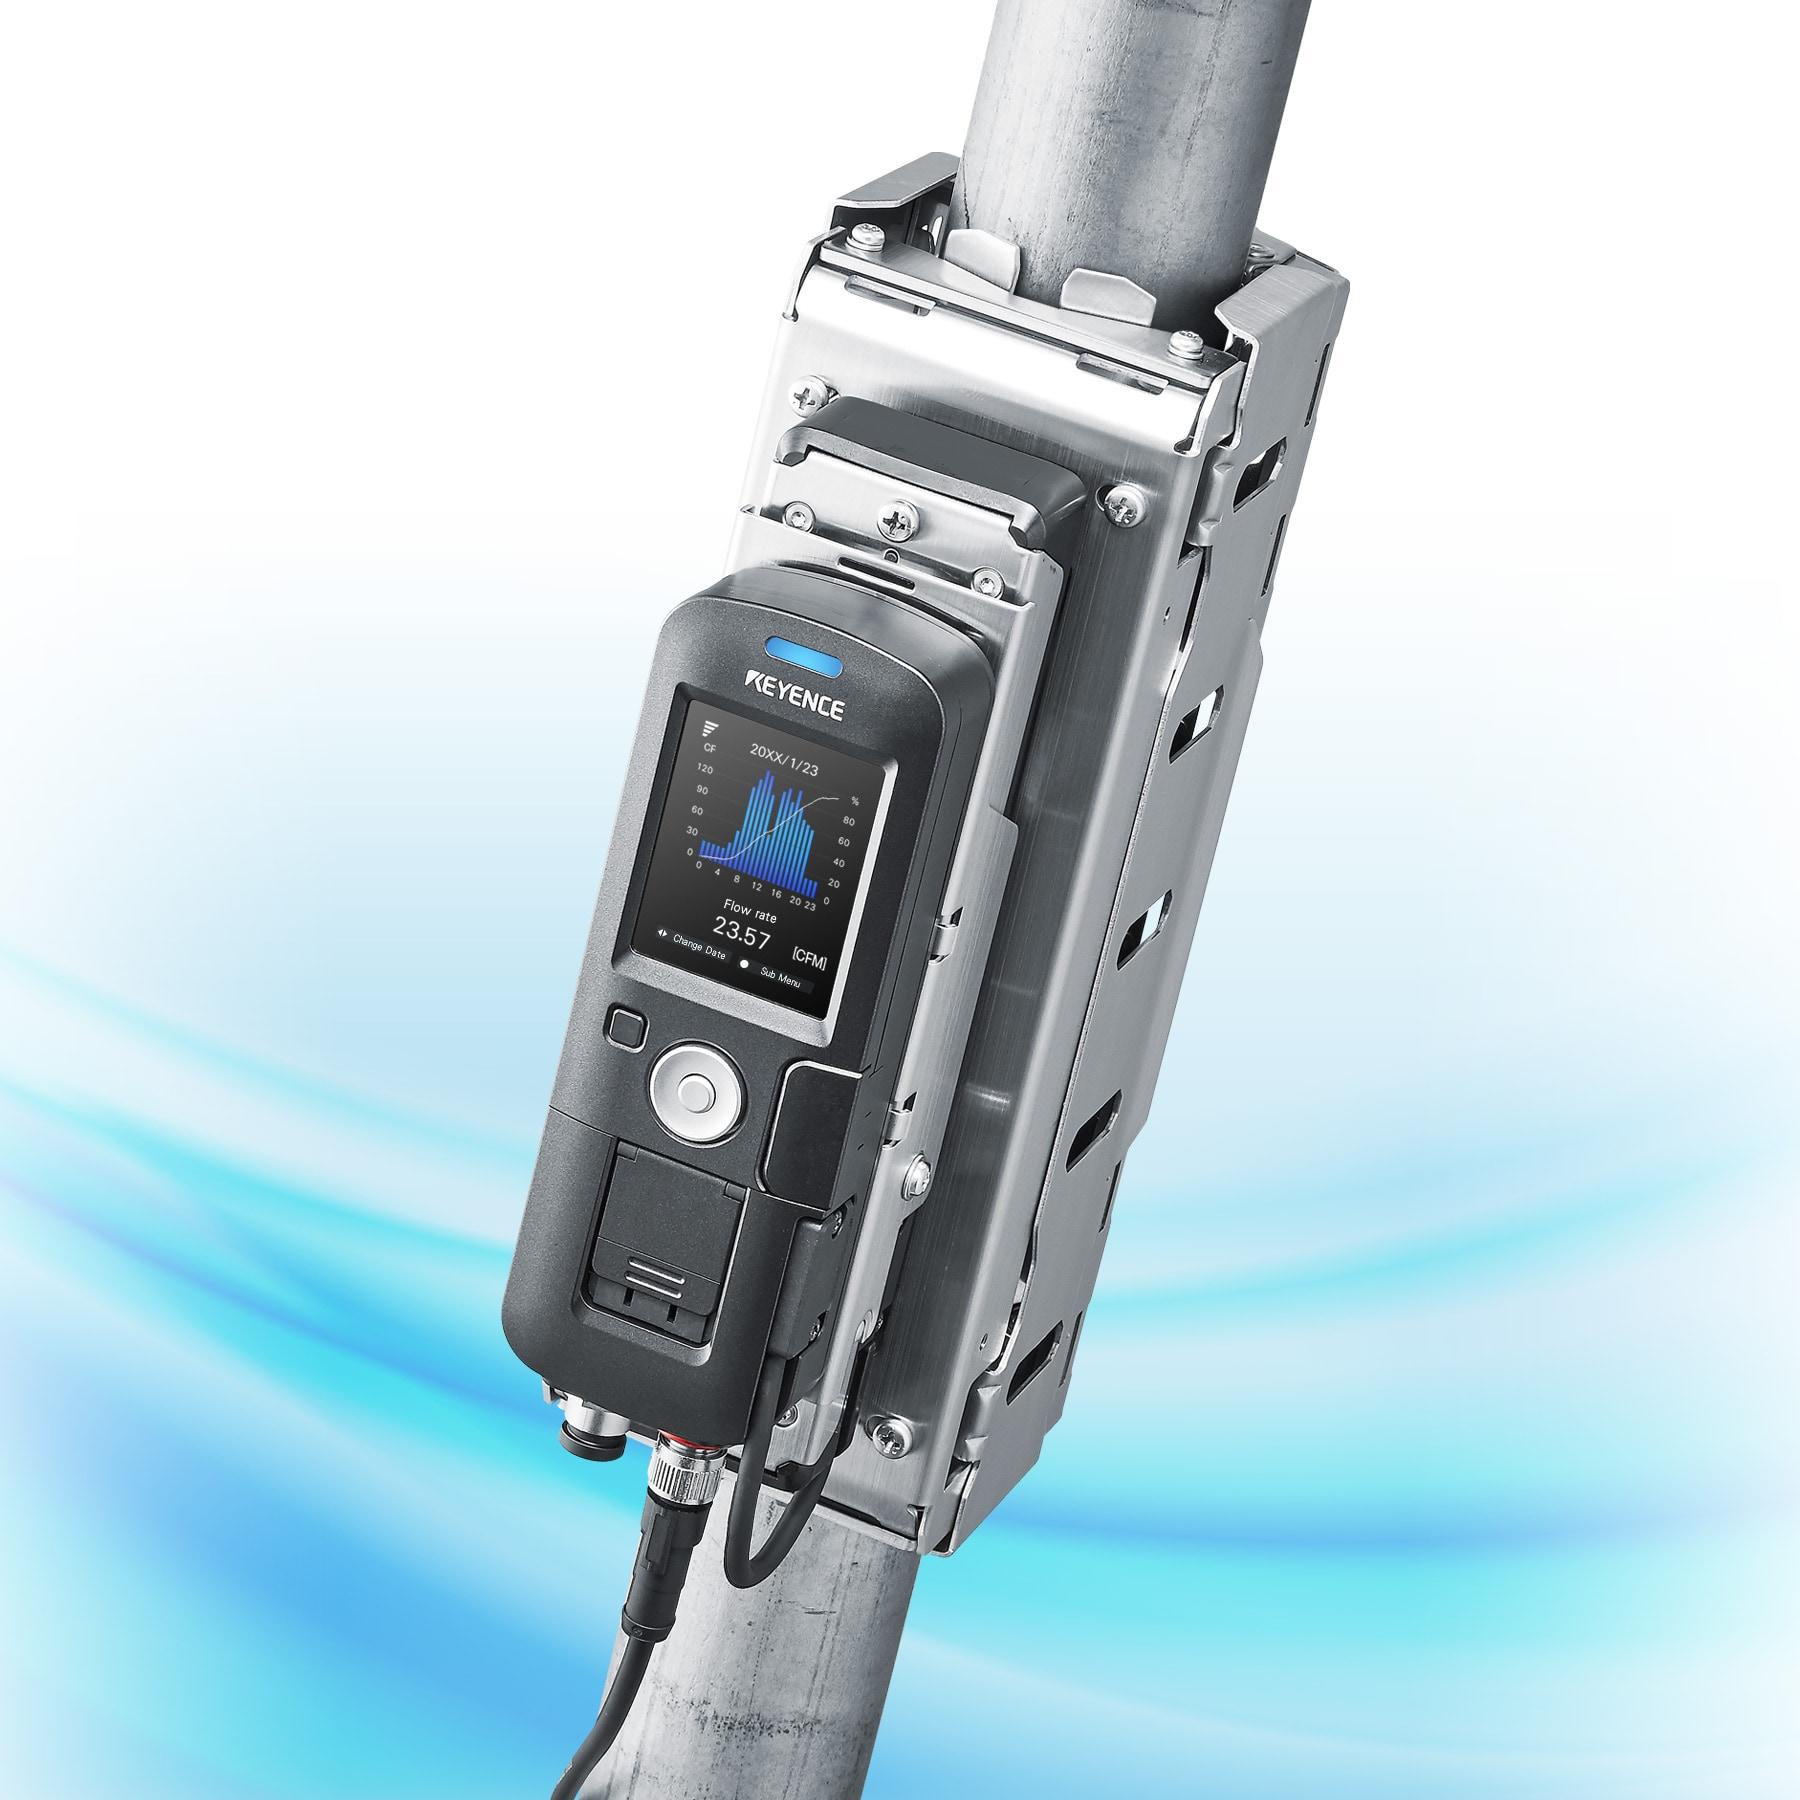 Clamp On Gas Flow Meter Fd G Series Keyence America